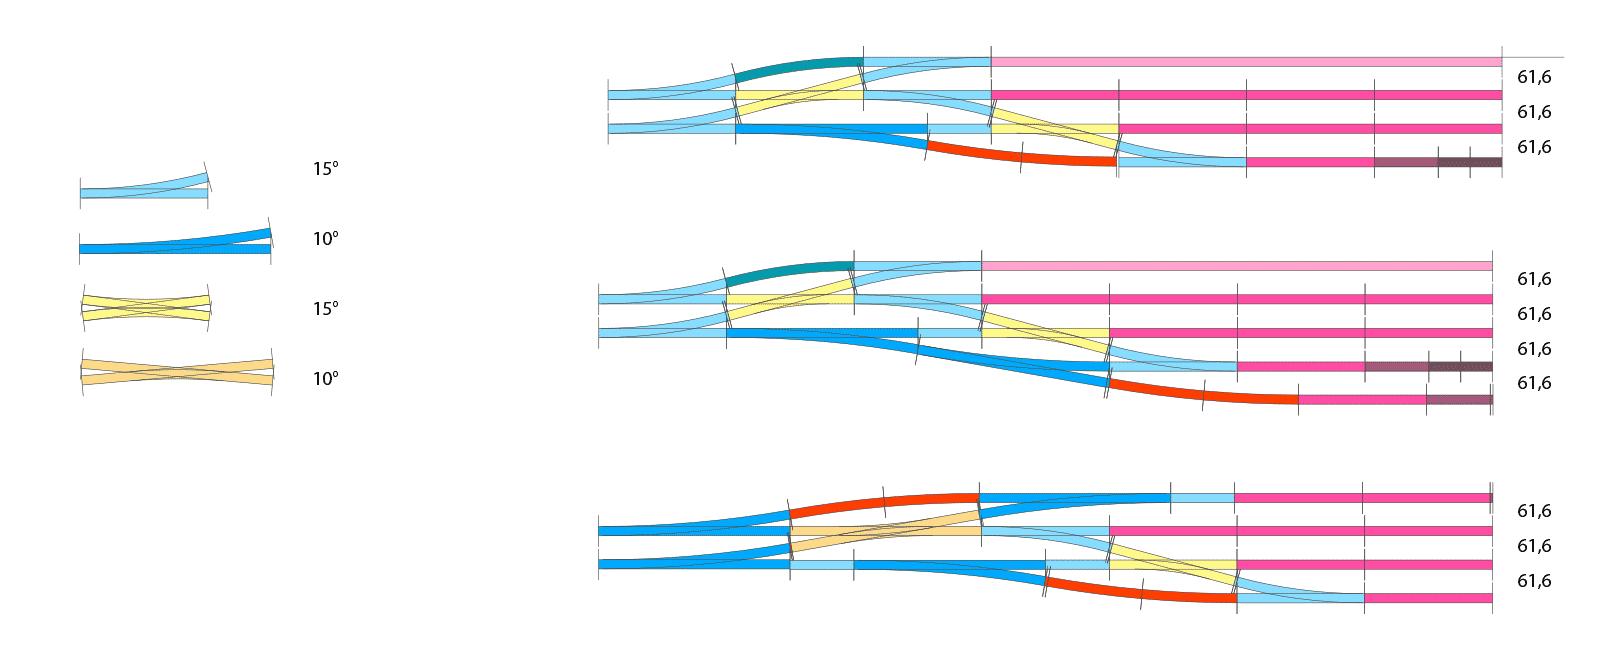 Roco Line mit Bettung Gleisfiguren